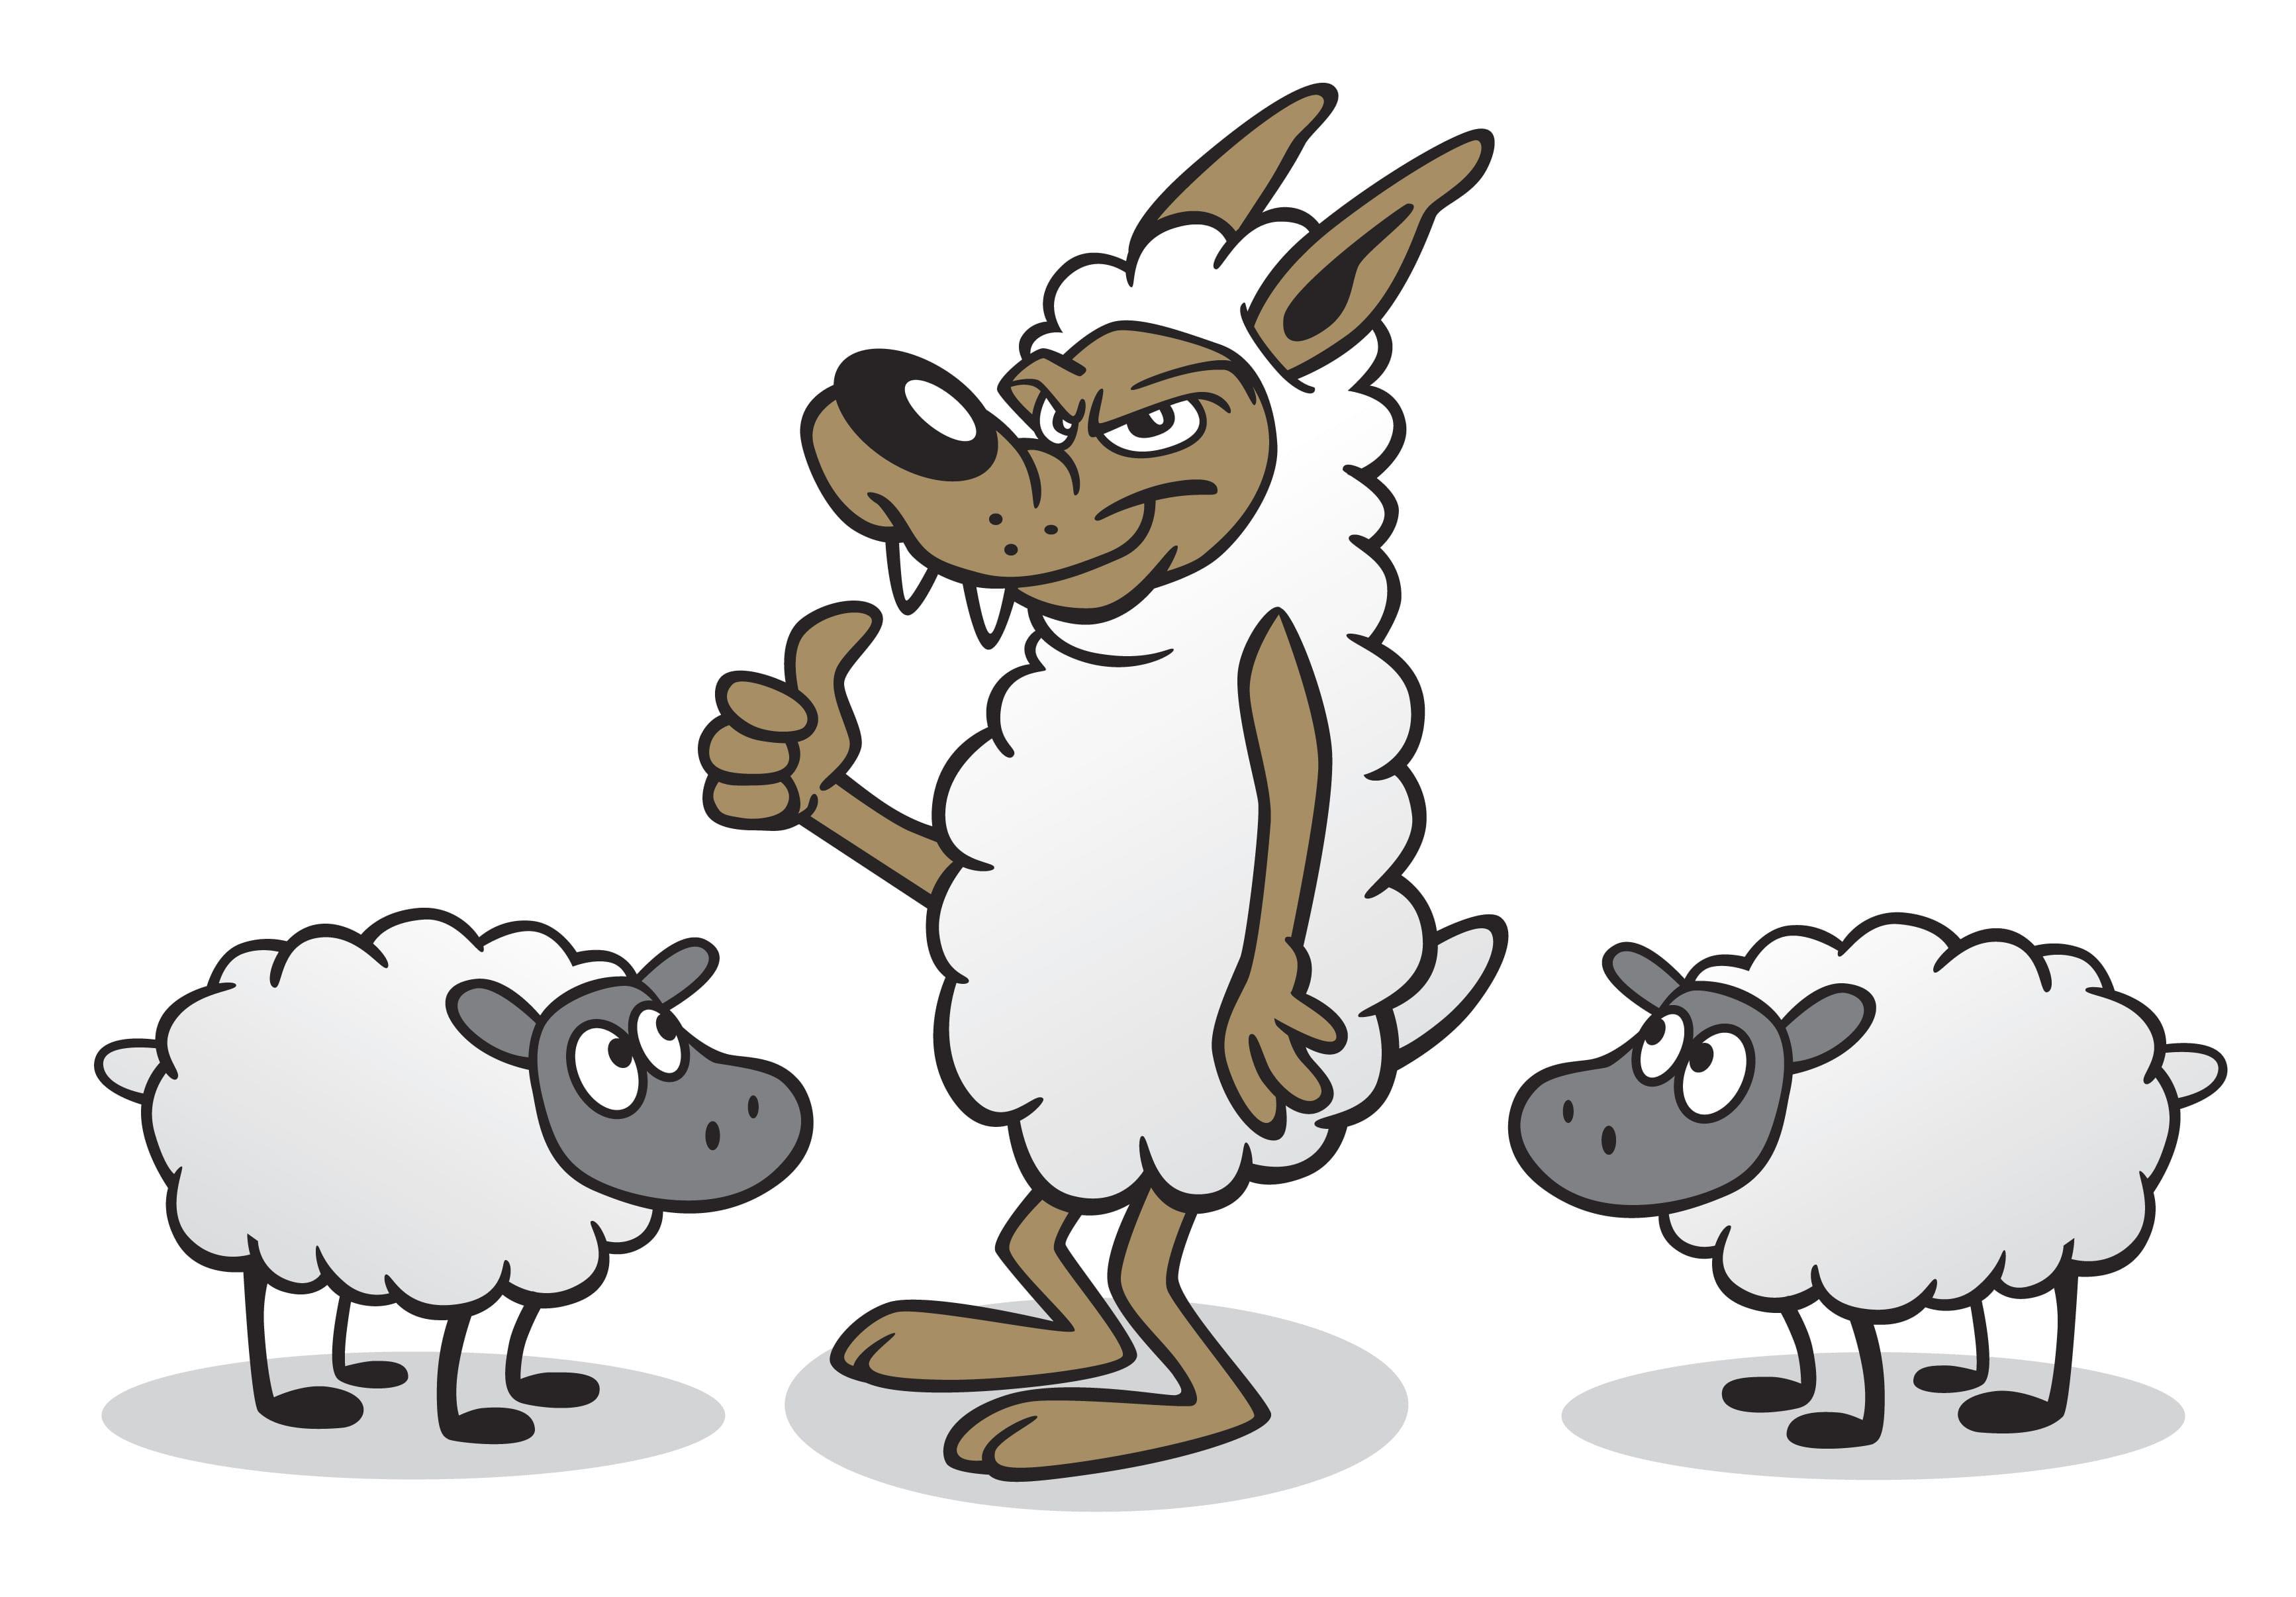 """Phân tích khối lượng: Cách Cừu Non đọc âm mưu """"tạo sóng"""" của bầy Sói"""